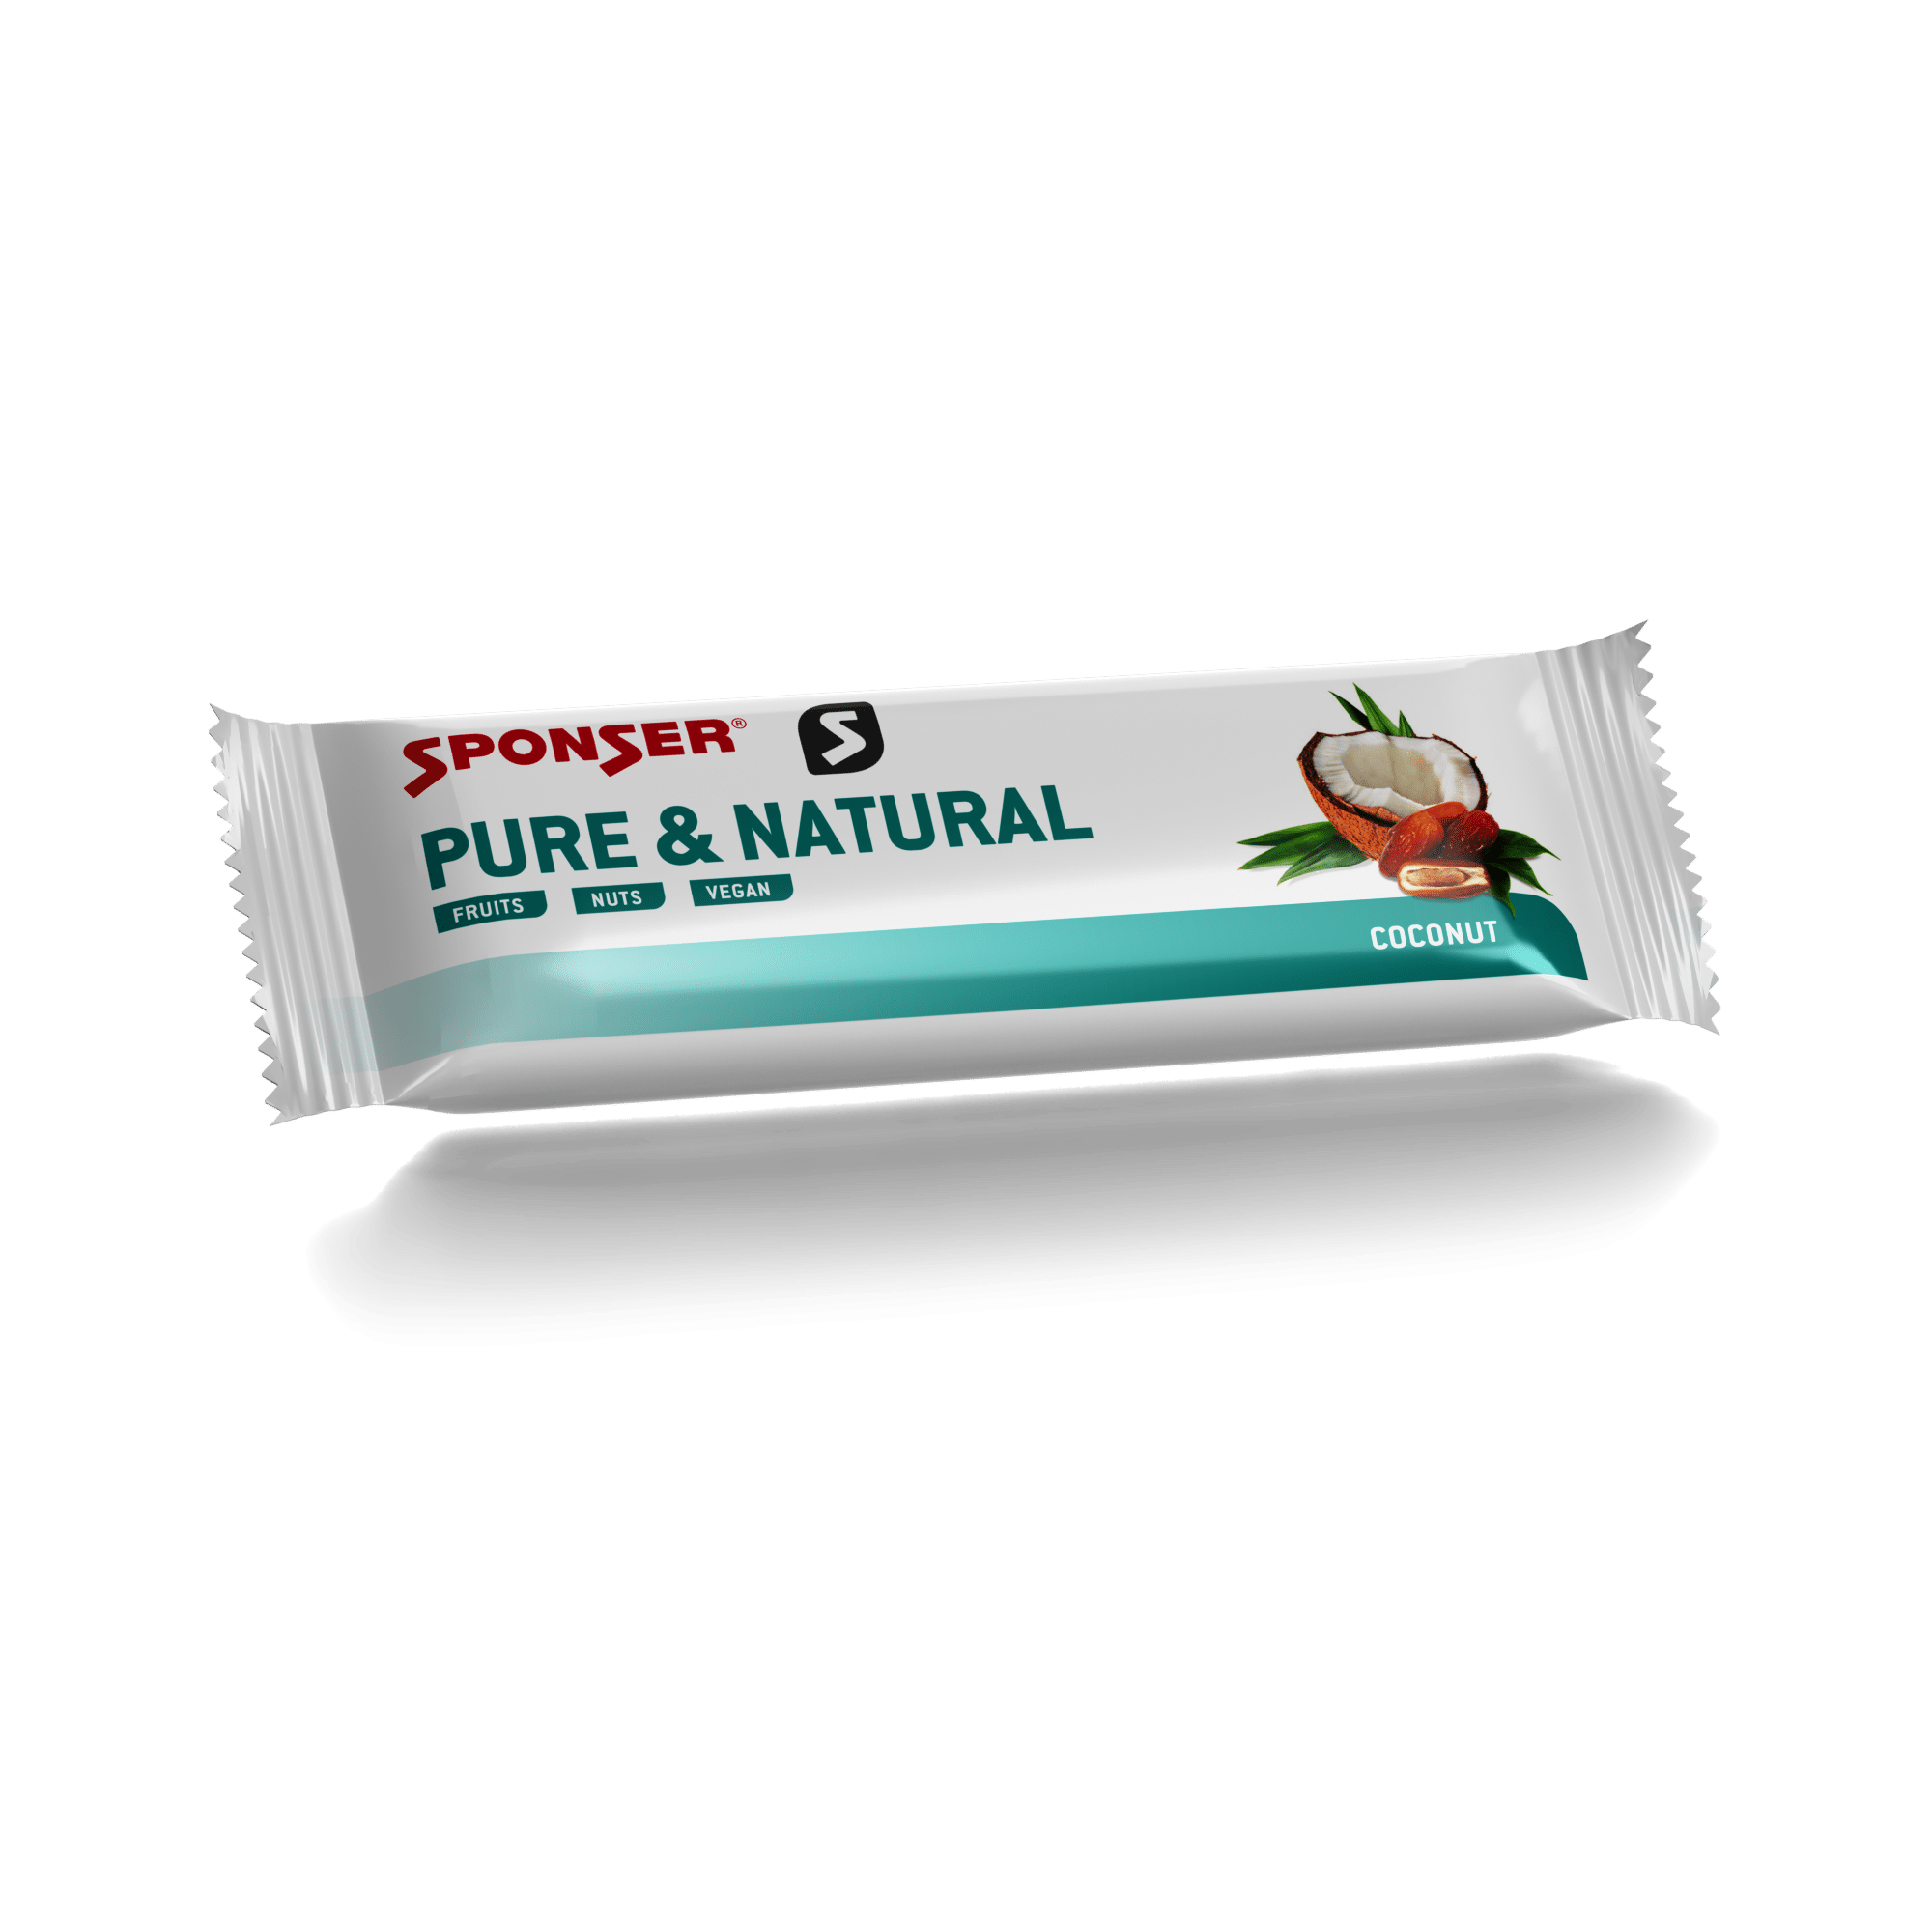 חטיפי אנרגיה Sponser Energy Bar PURE & NATURAL Coconut